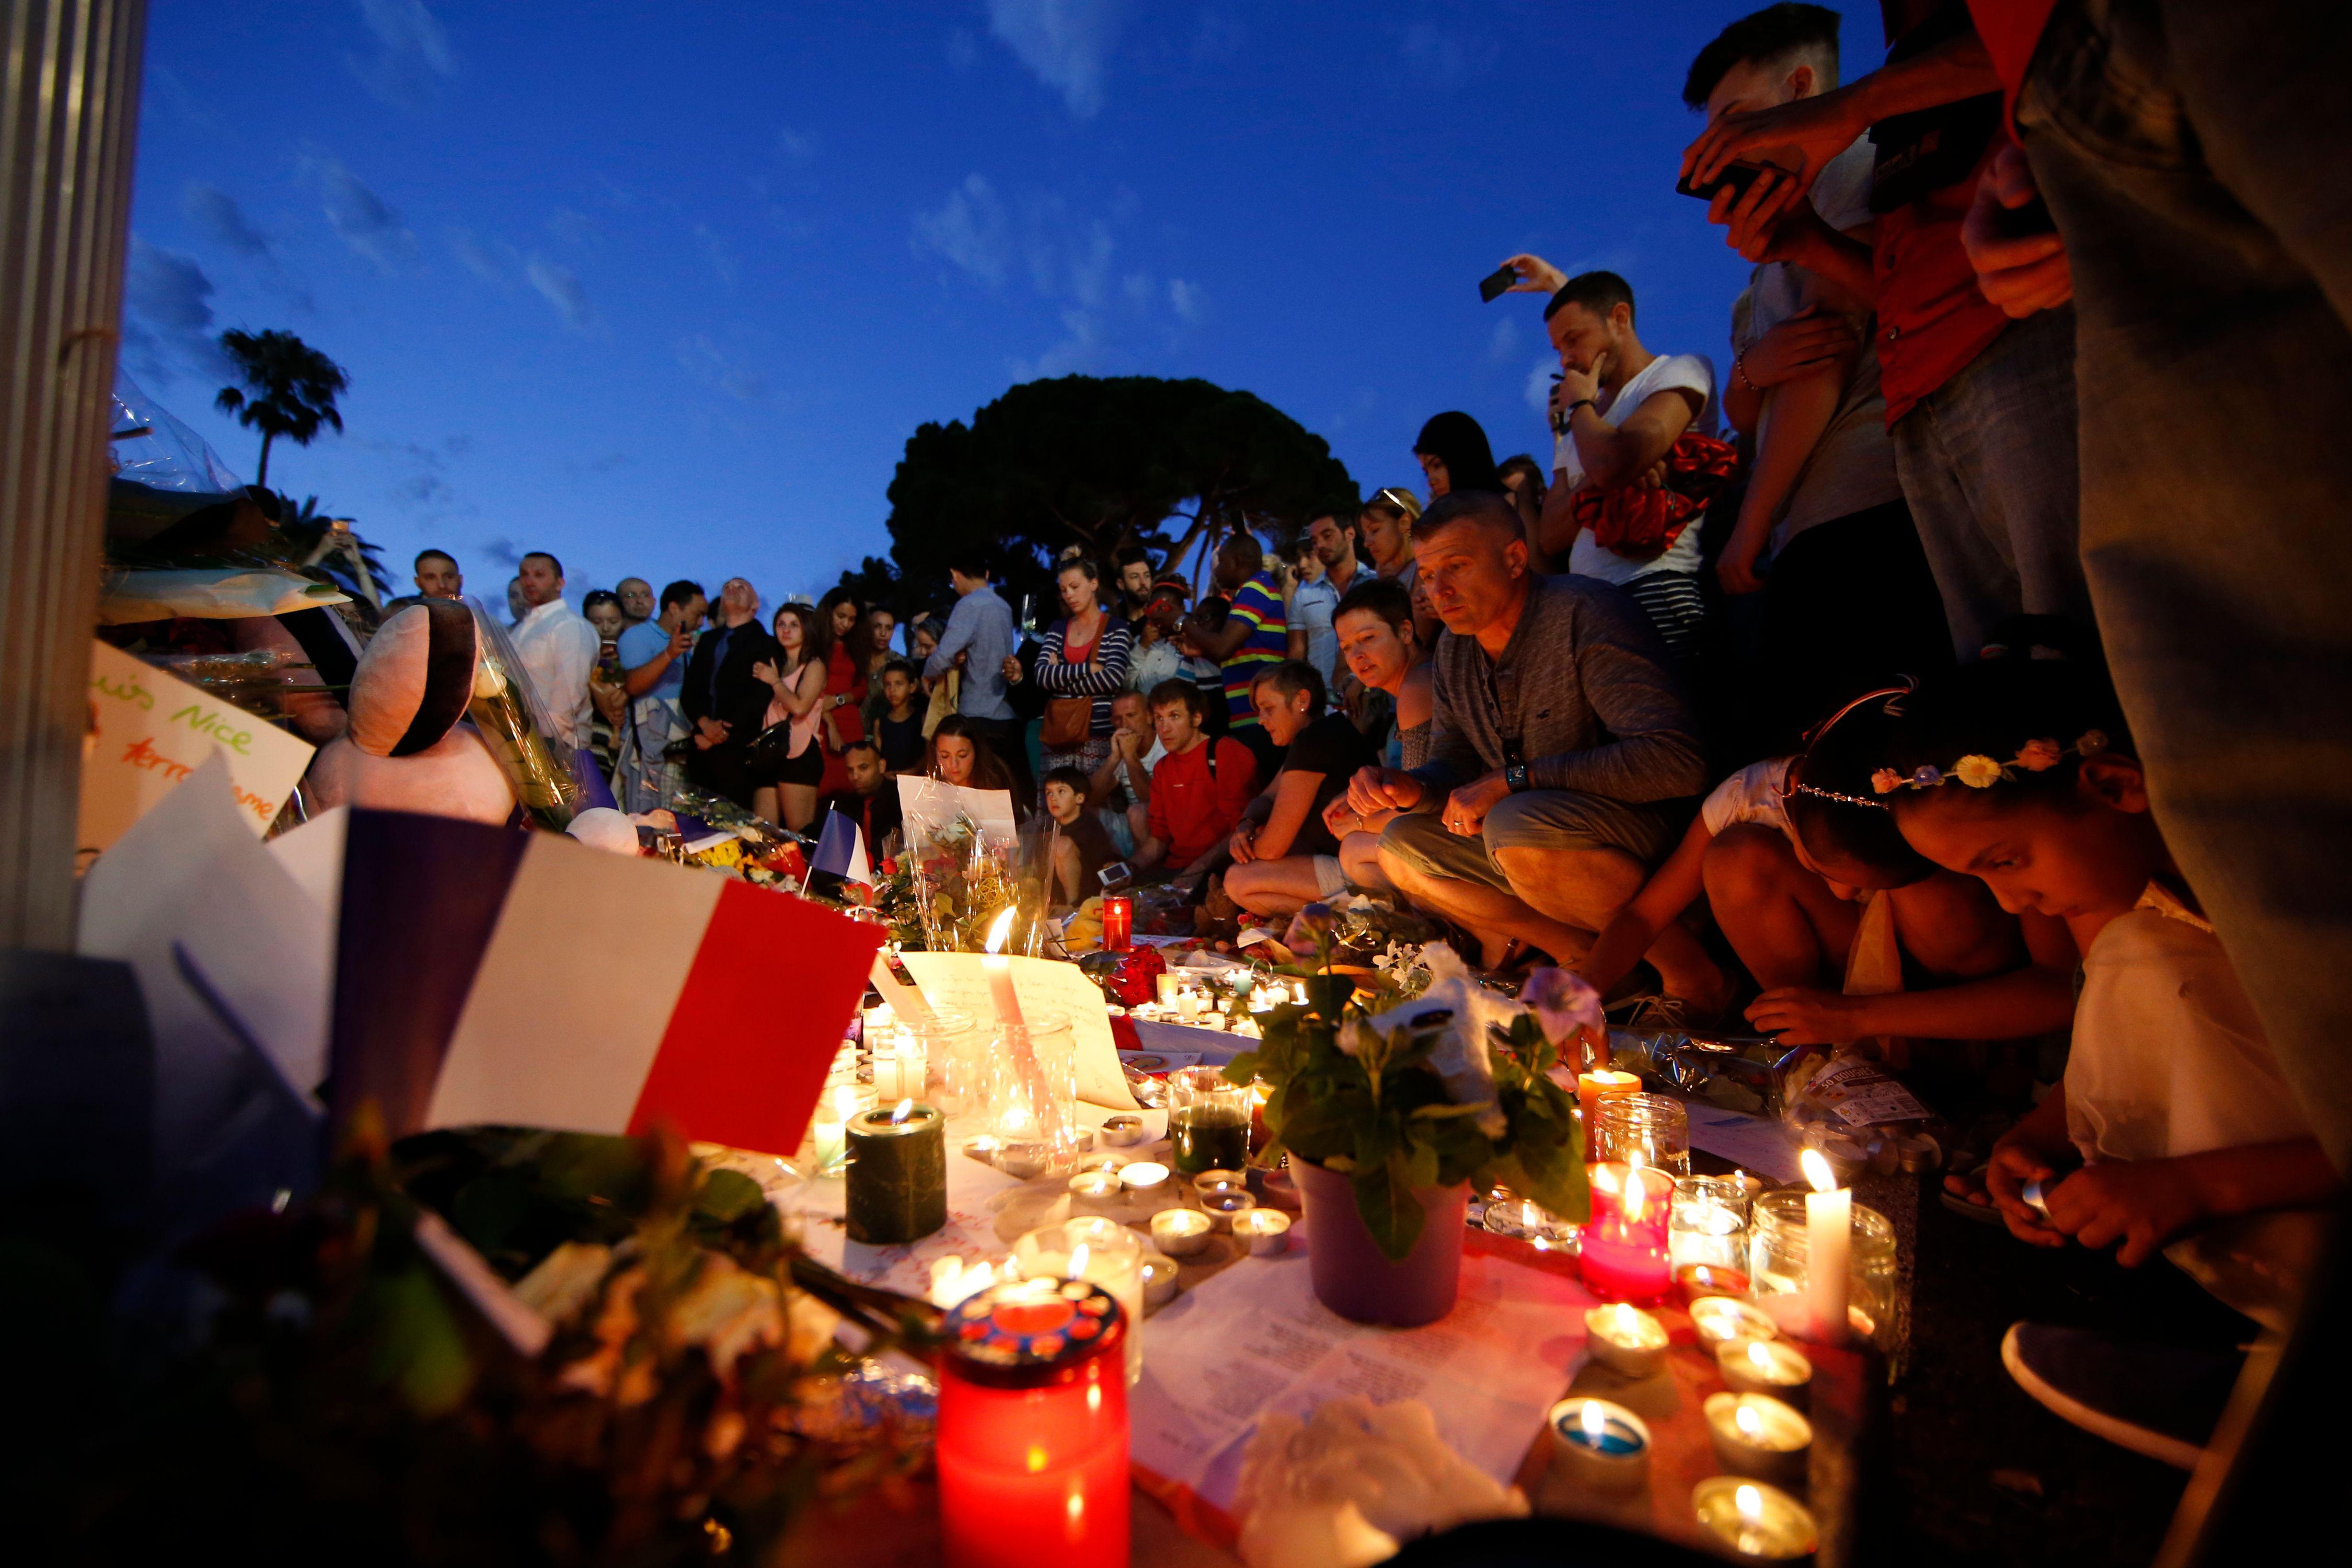 Les forces de l'ordre et la police scientifique à côté d'un semi-remorque qui a foncé dans la foule, après le feu d'artifice du 14 juillet 2016 sur la Promenade des Anglais à Nice, tuant au moins 80 personnes.